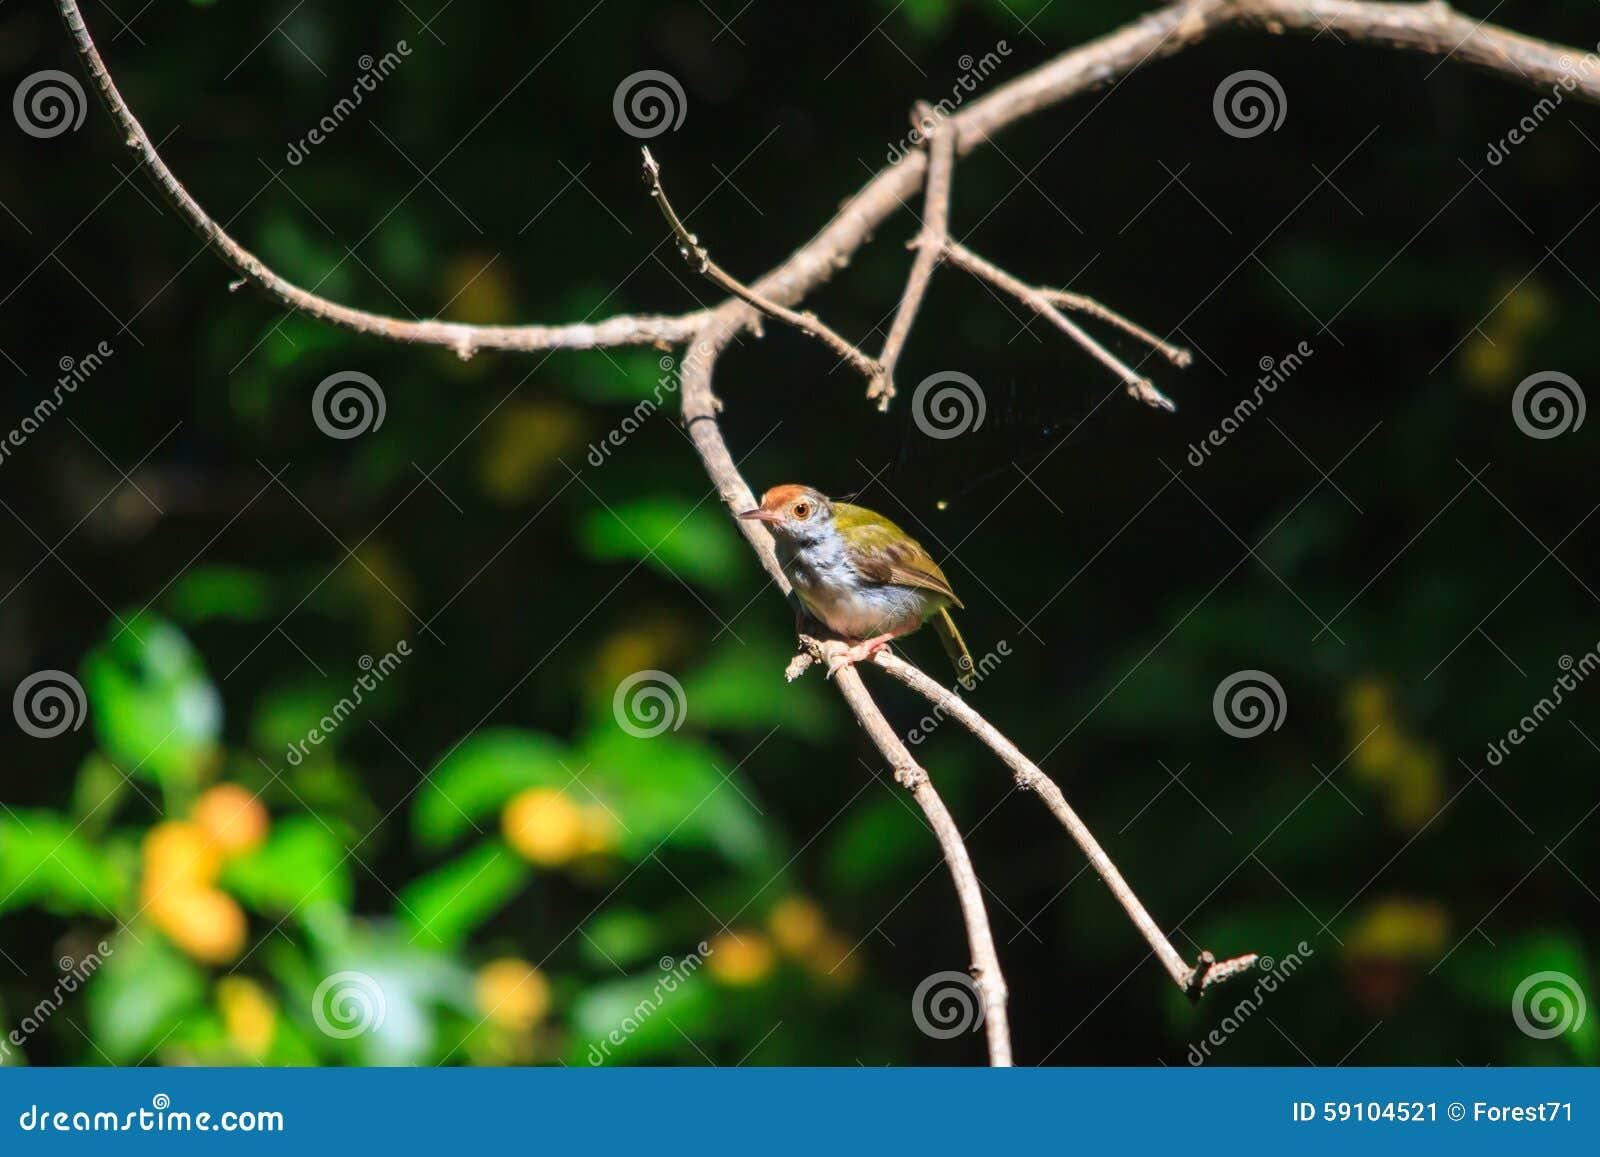 黑暗收缩的长尾缝叶鸟